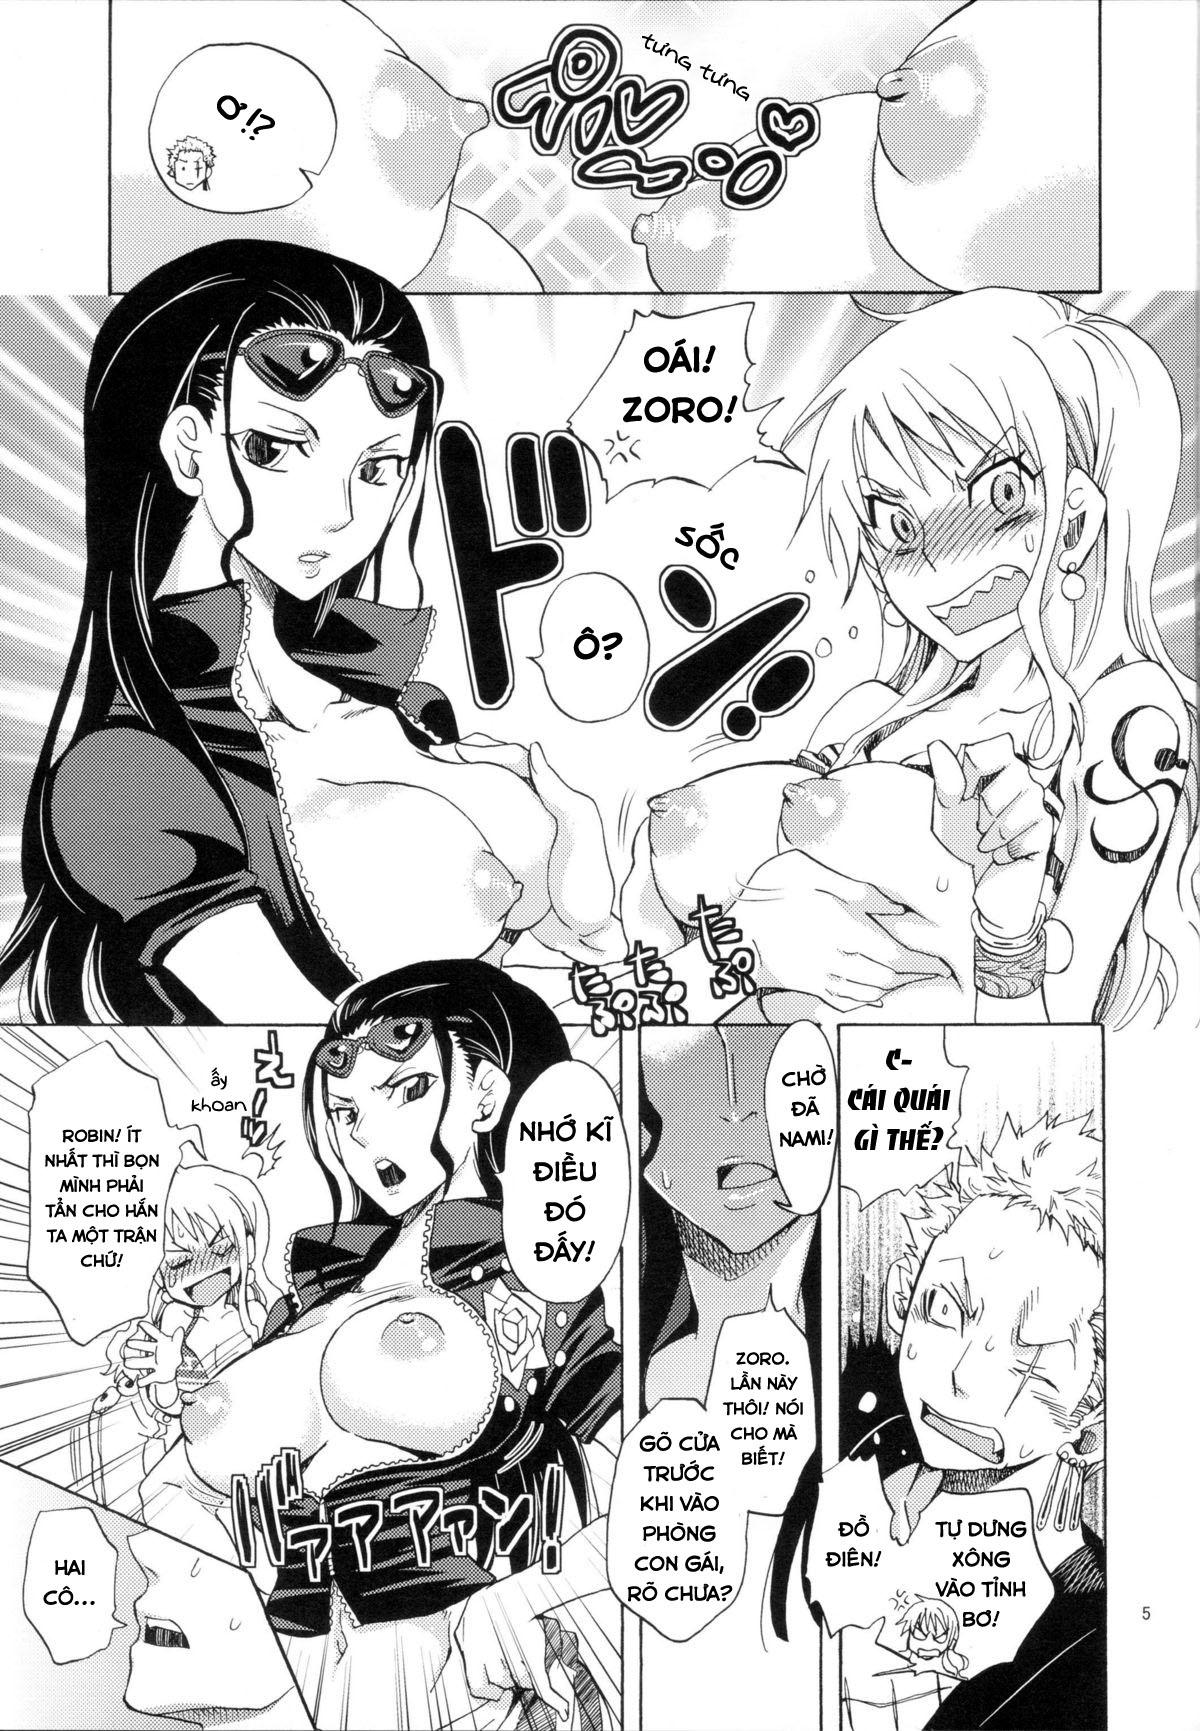 Hình ảnh  in One Piece Hentai Thịt Nami Robin Seichou Shimashita